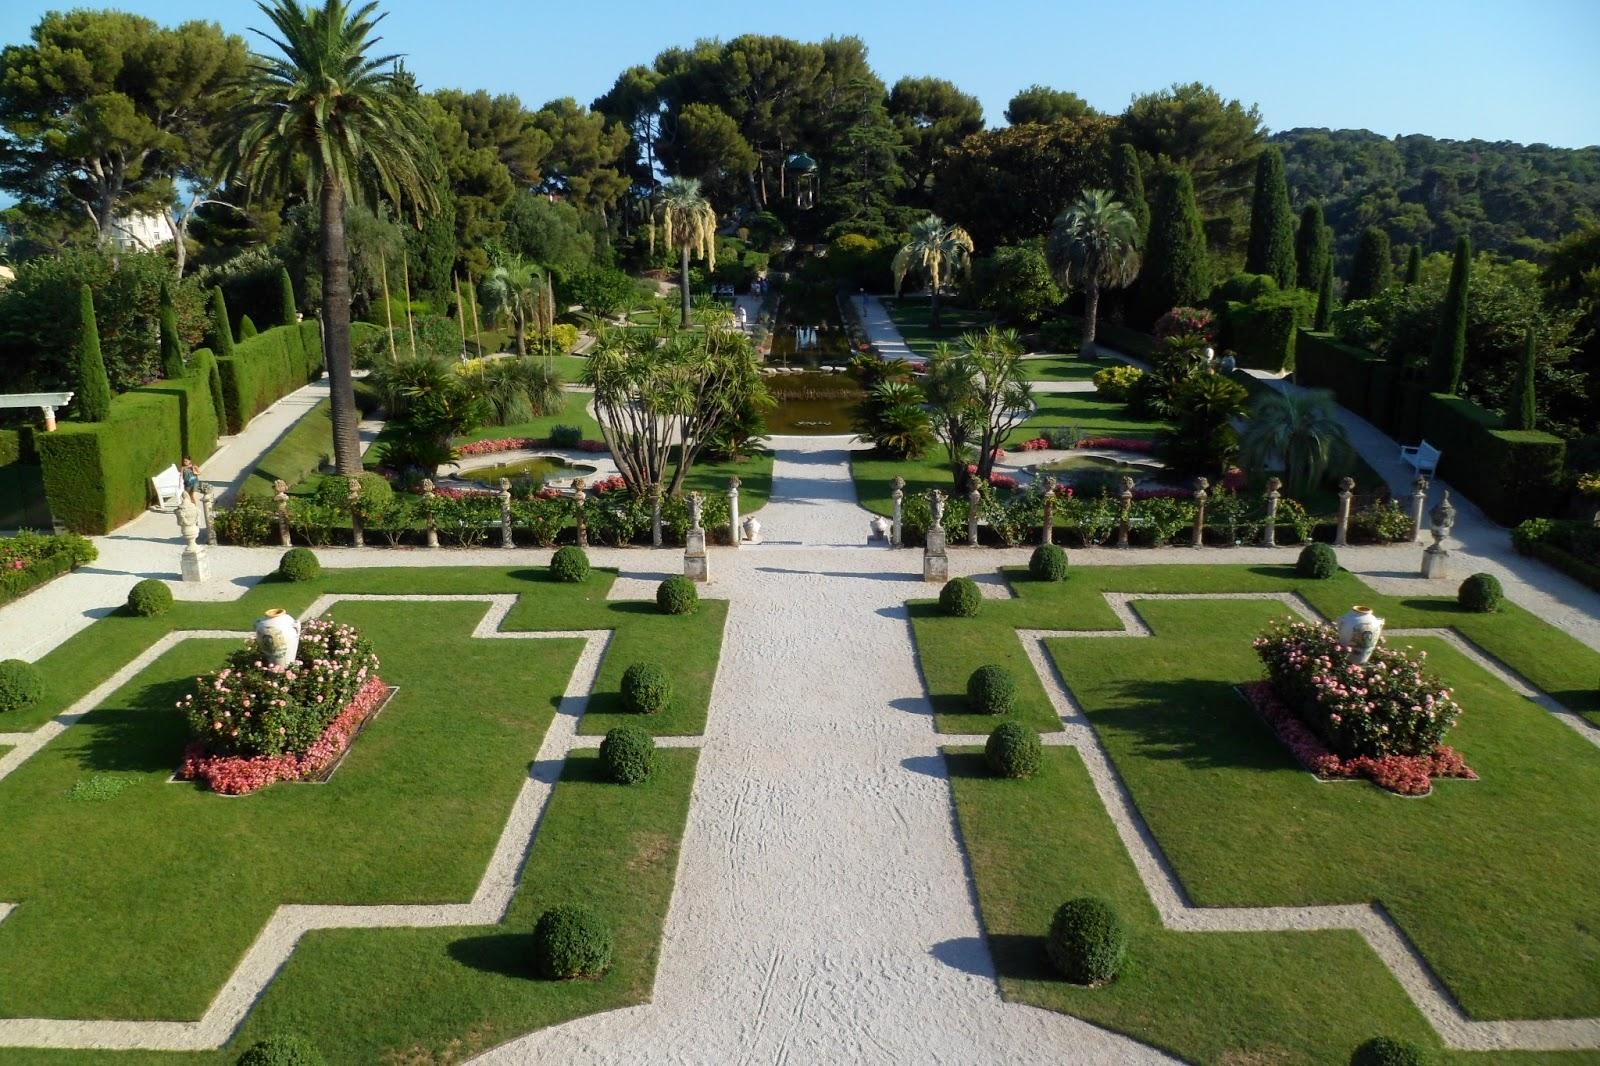 Mes conseils de voyage mes id es pour la c te d 39 azur 1 2 for Jardin villa ratti nice